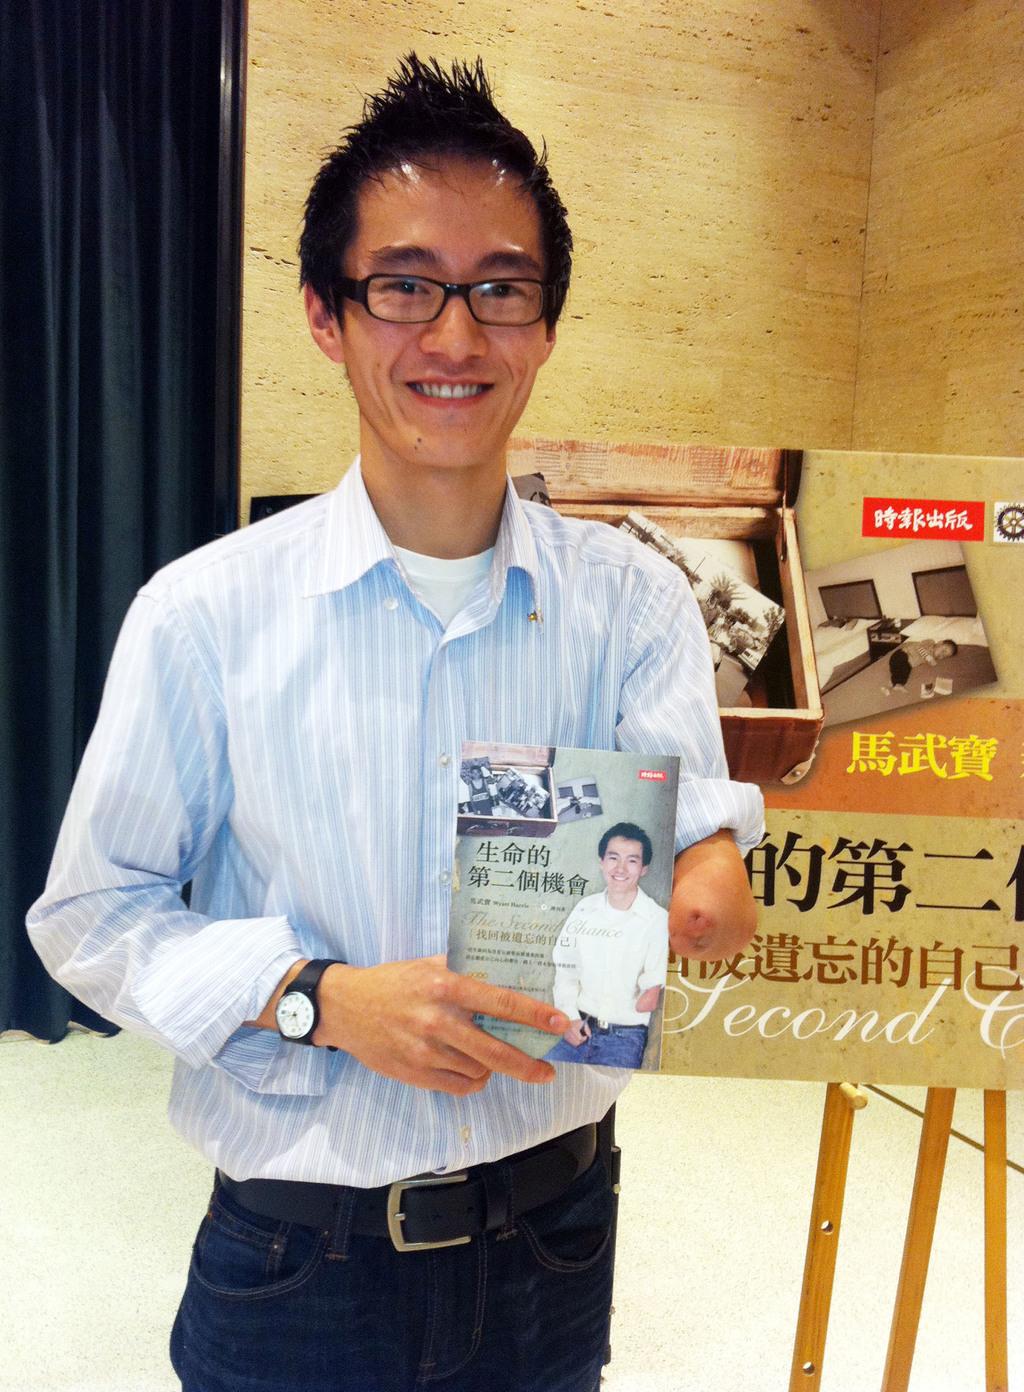 美籍華裔斷臂青年馬武寶將尋親的心路歷程,寫成生平第1本書「生命的第二個機會」,他期待自己的書可以激勵更多與他過去有同樣遭遇的人。中央社記者...